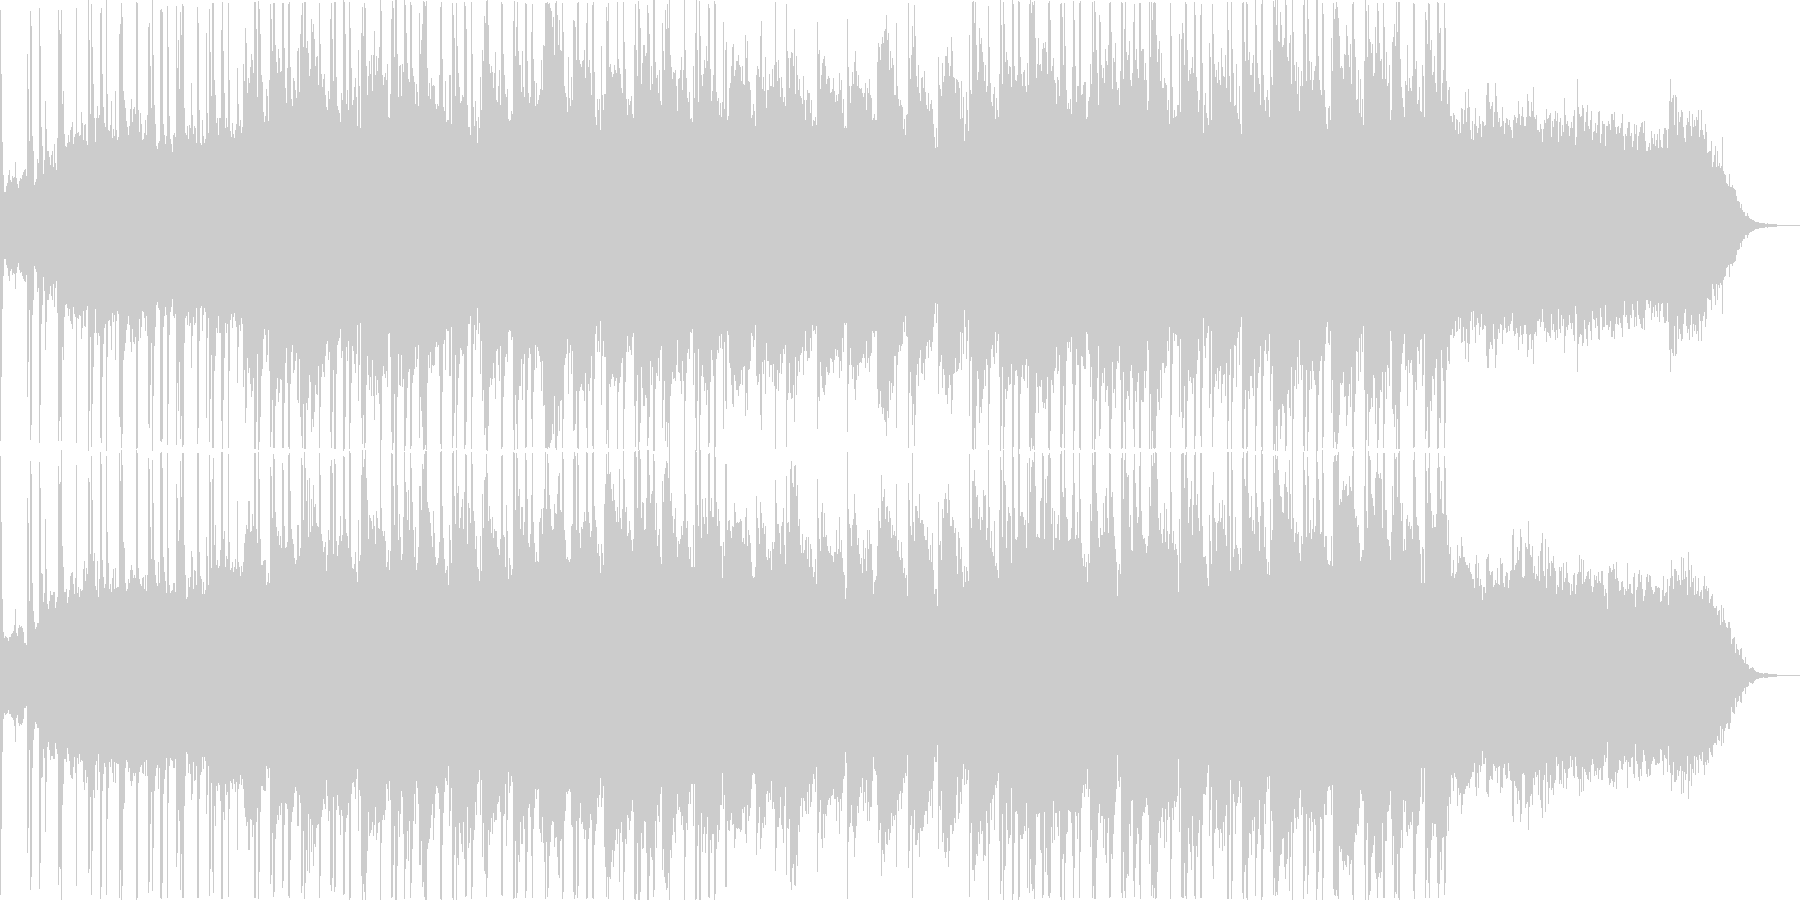 シティーポップ・ヒップホップ・お洒落の未再生の波形